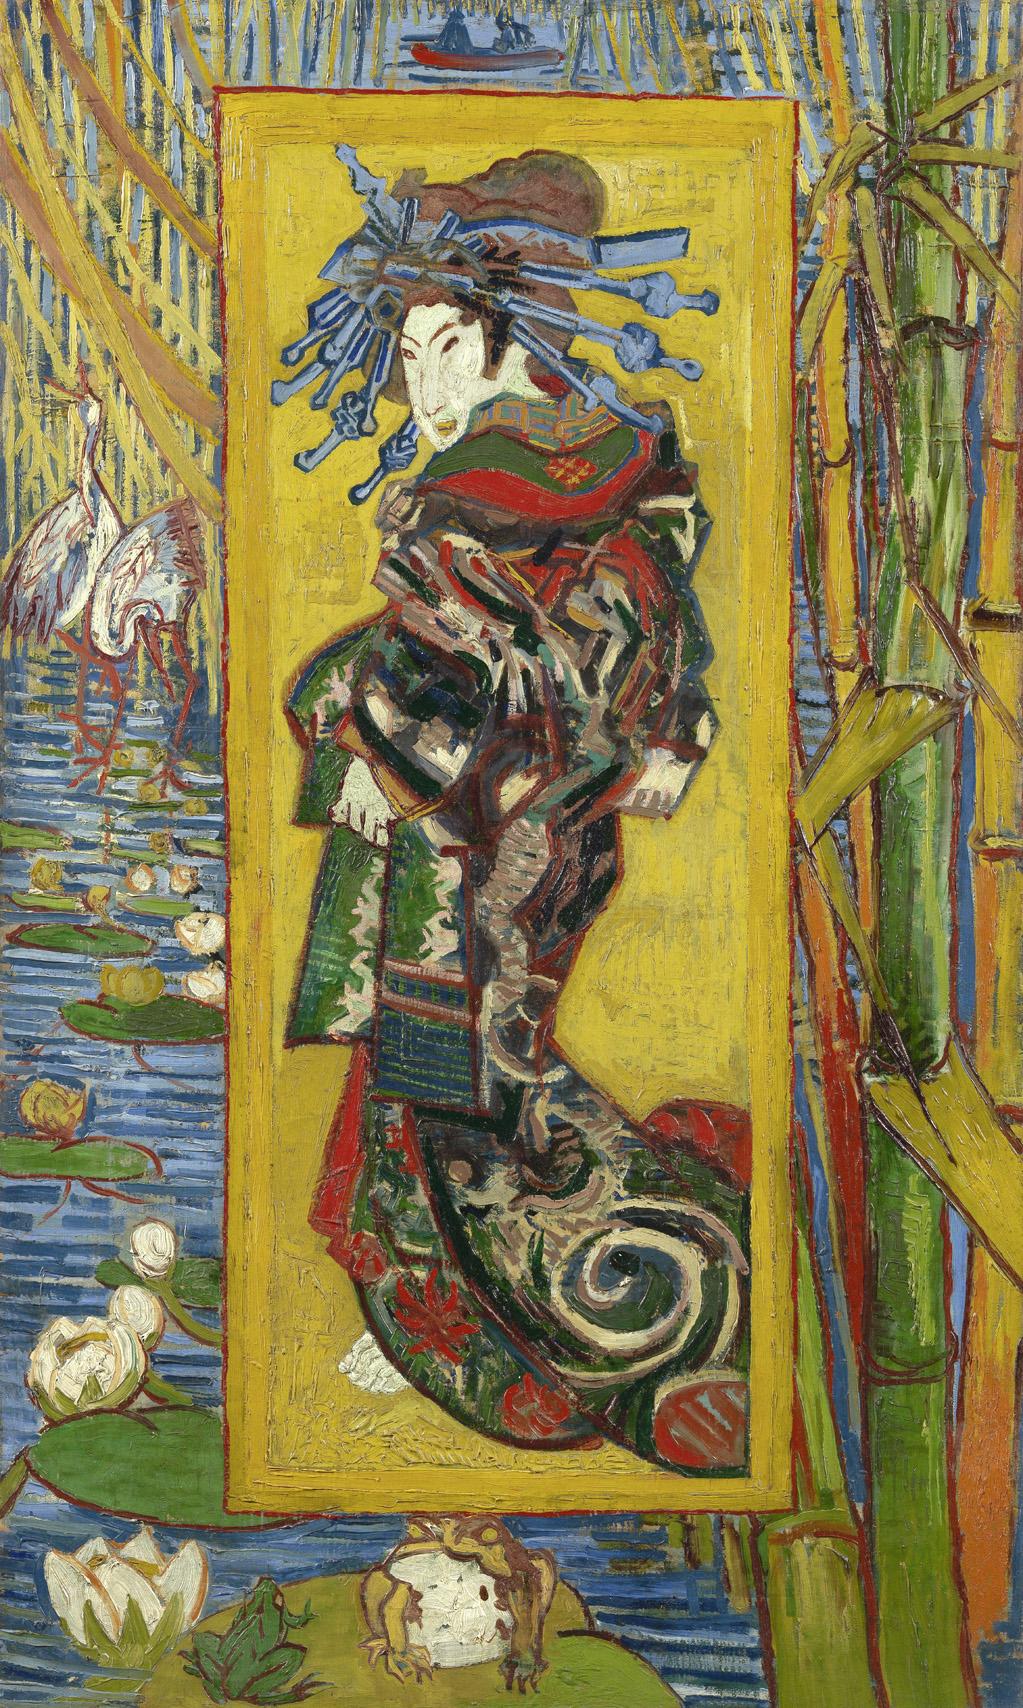 Van_Gogh_The Courtesan after Eisen